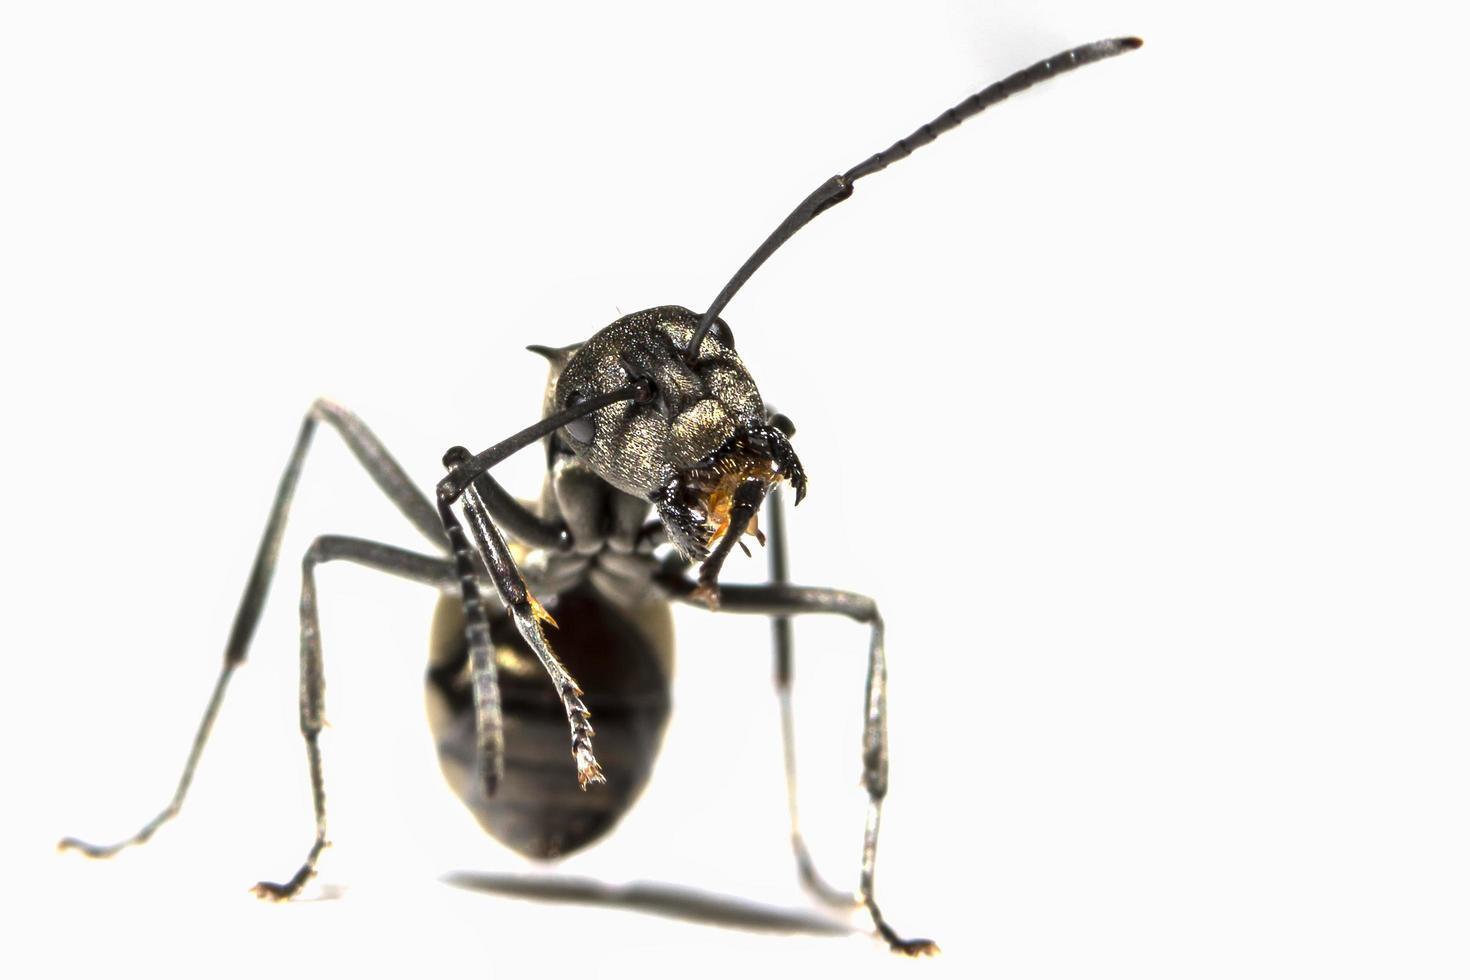 zwarte mier op witte achtergrond foto